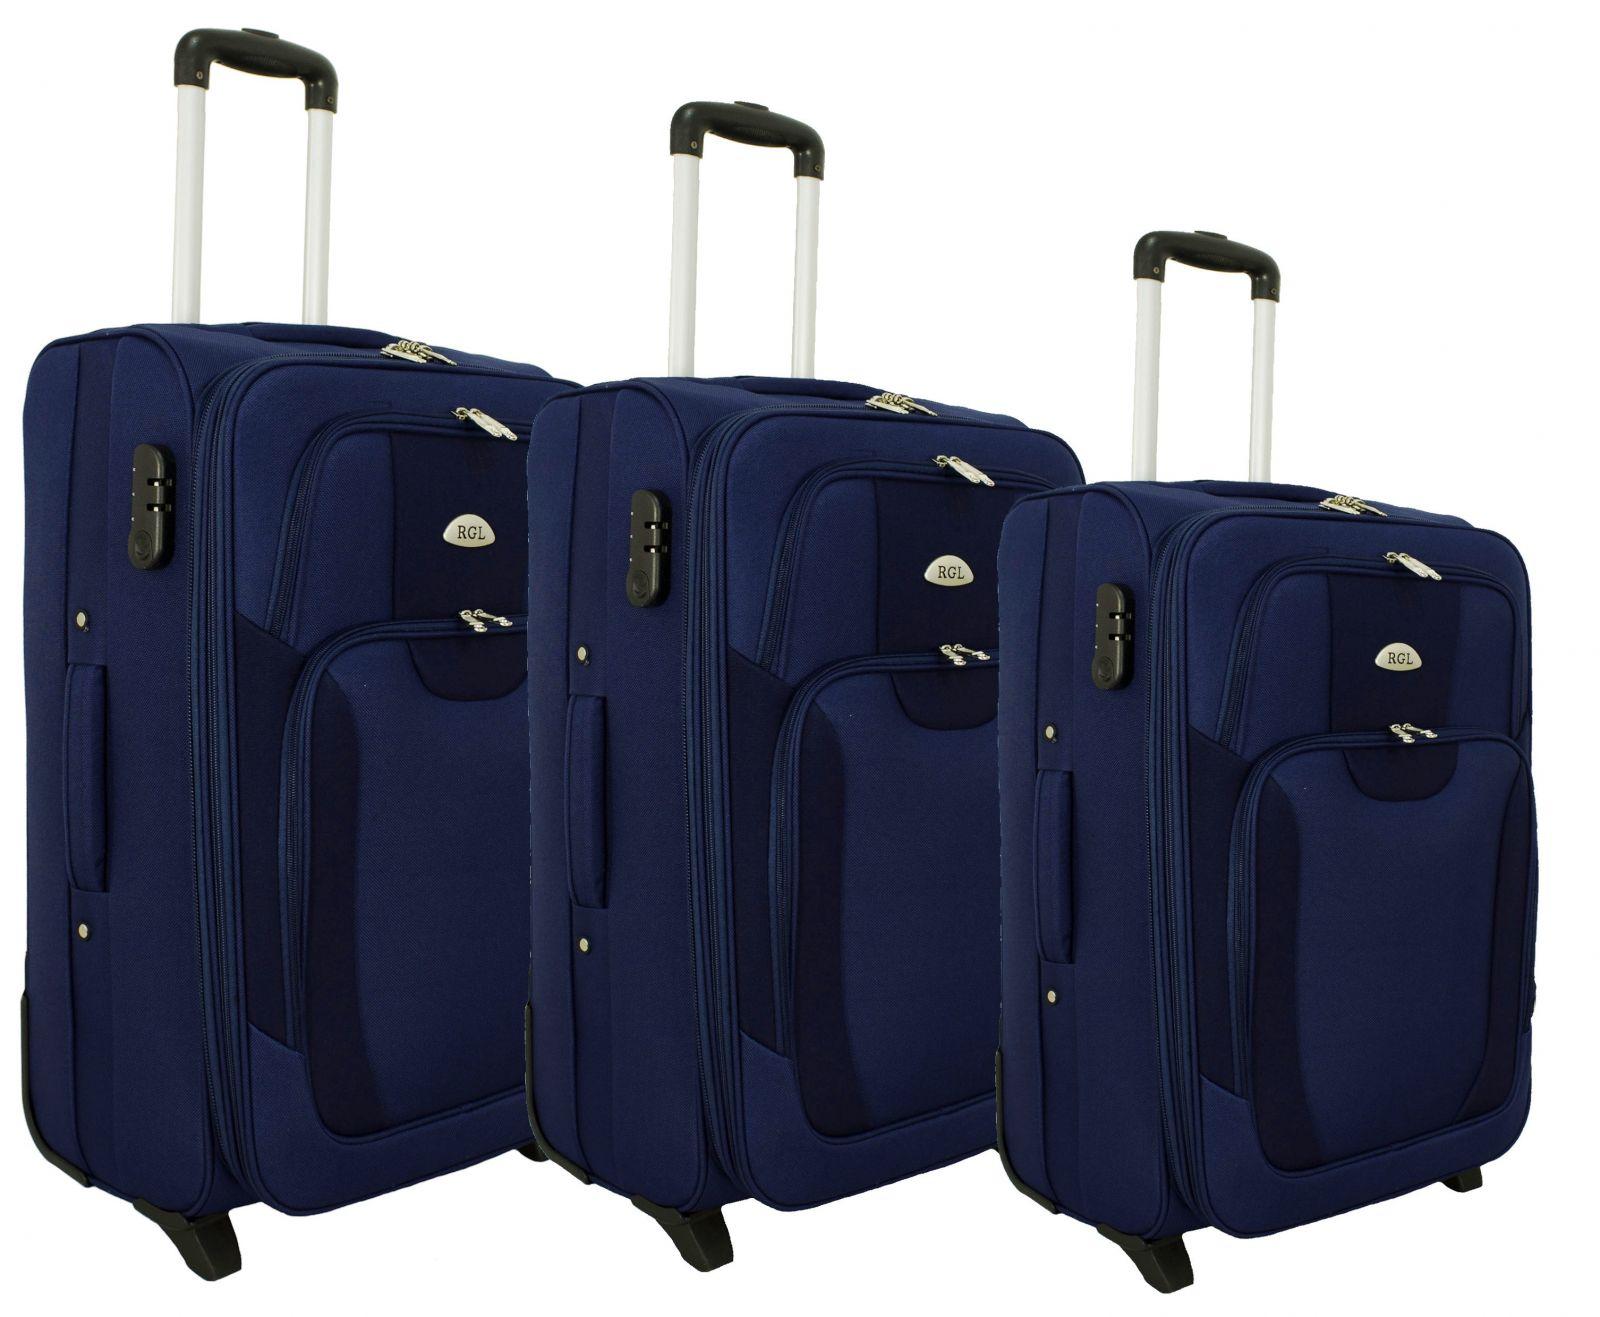 Sada 3 textilních kufrů RGL 1003 DARK-BLUE L/M/S